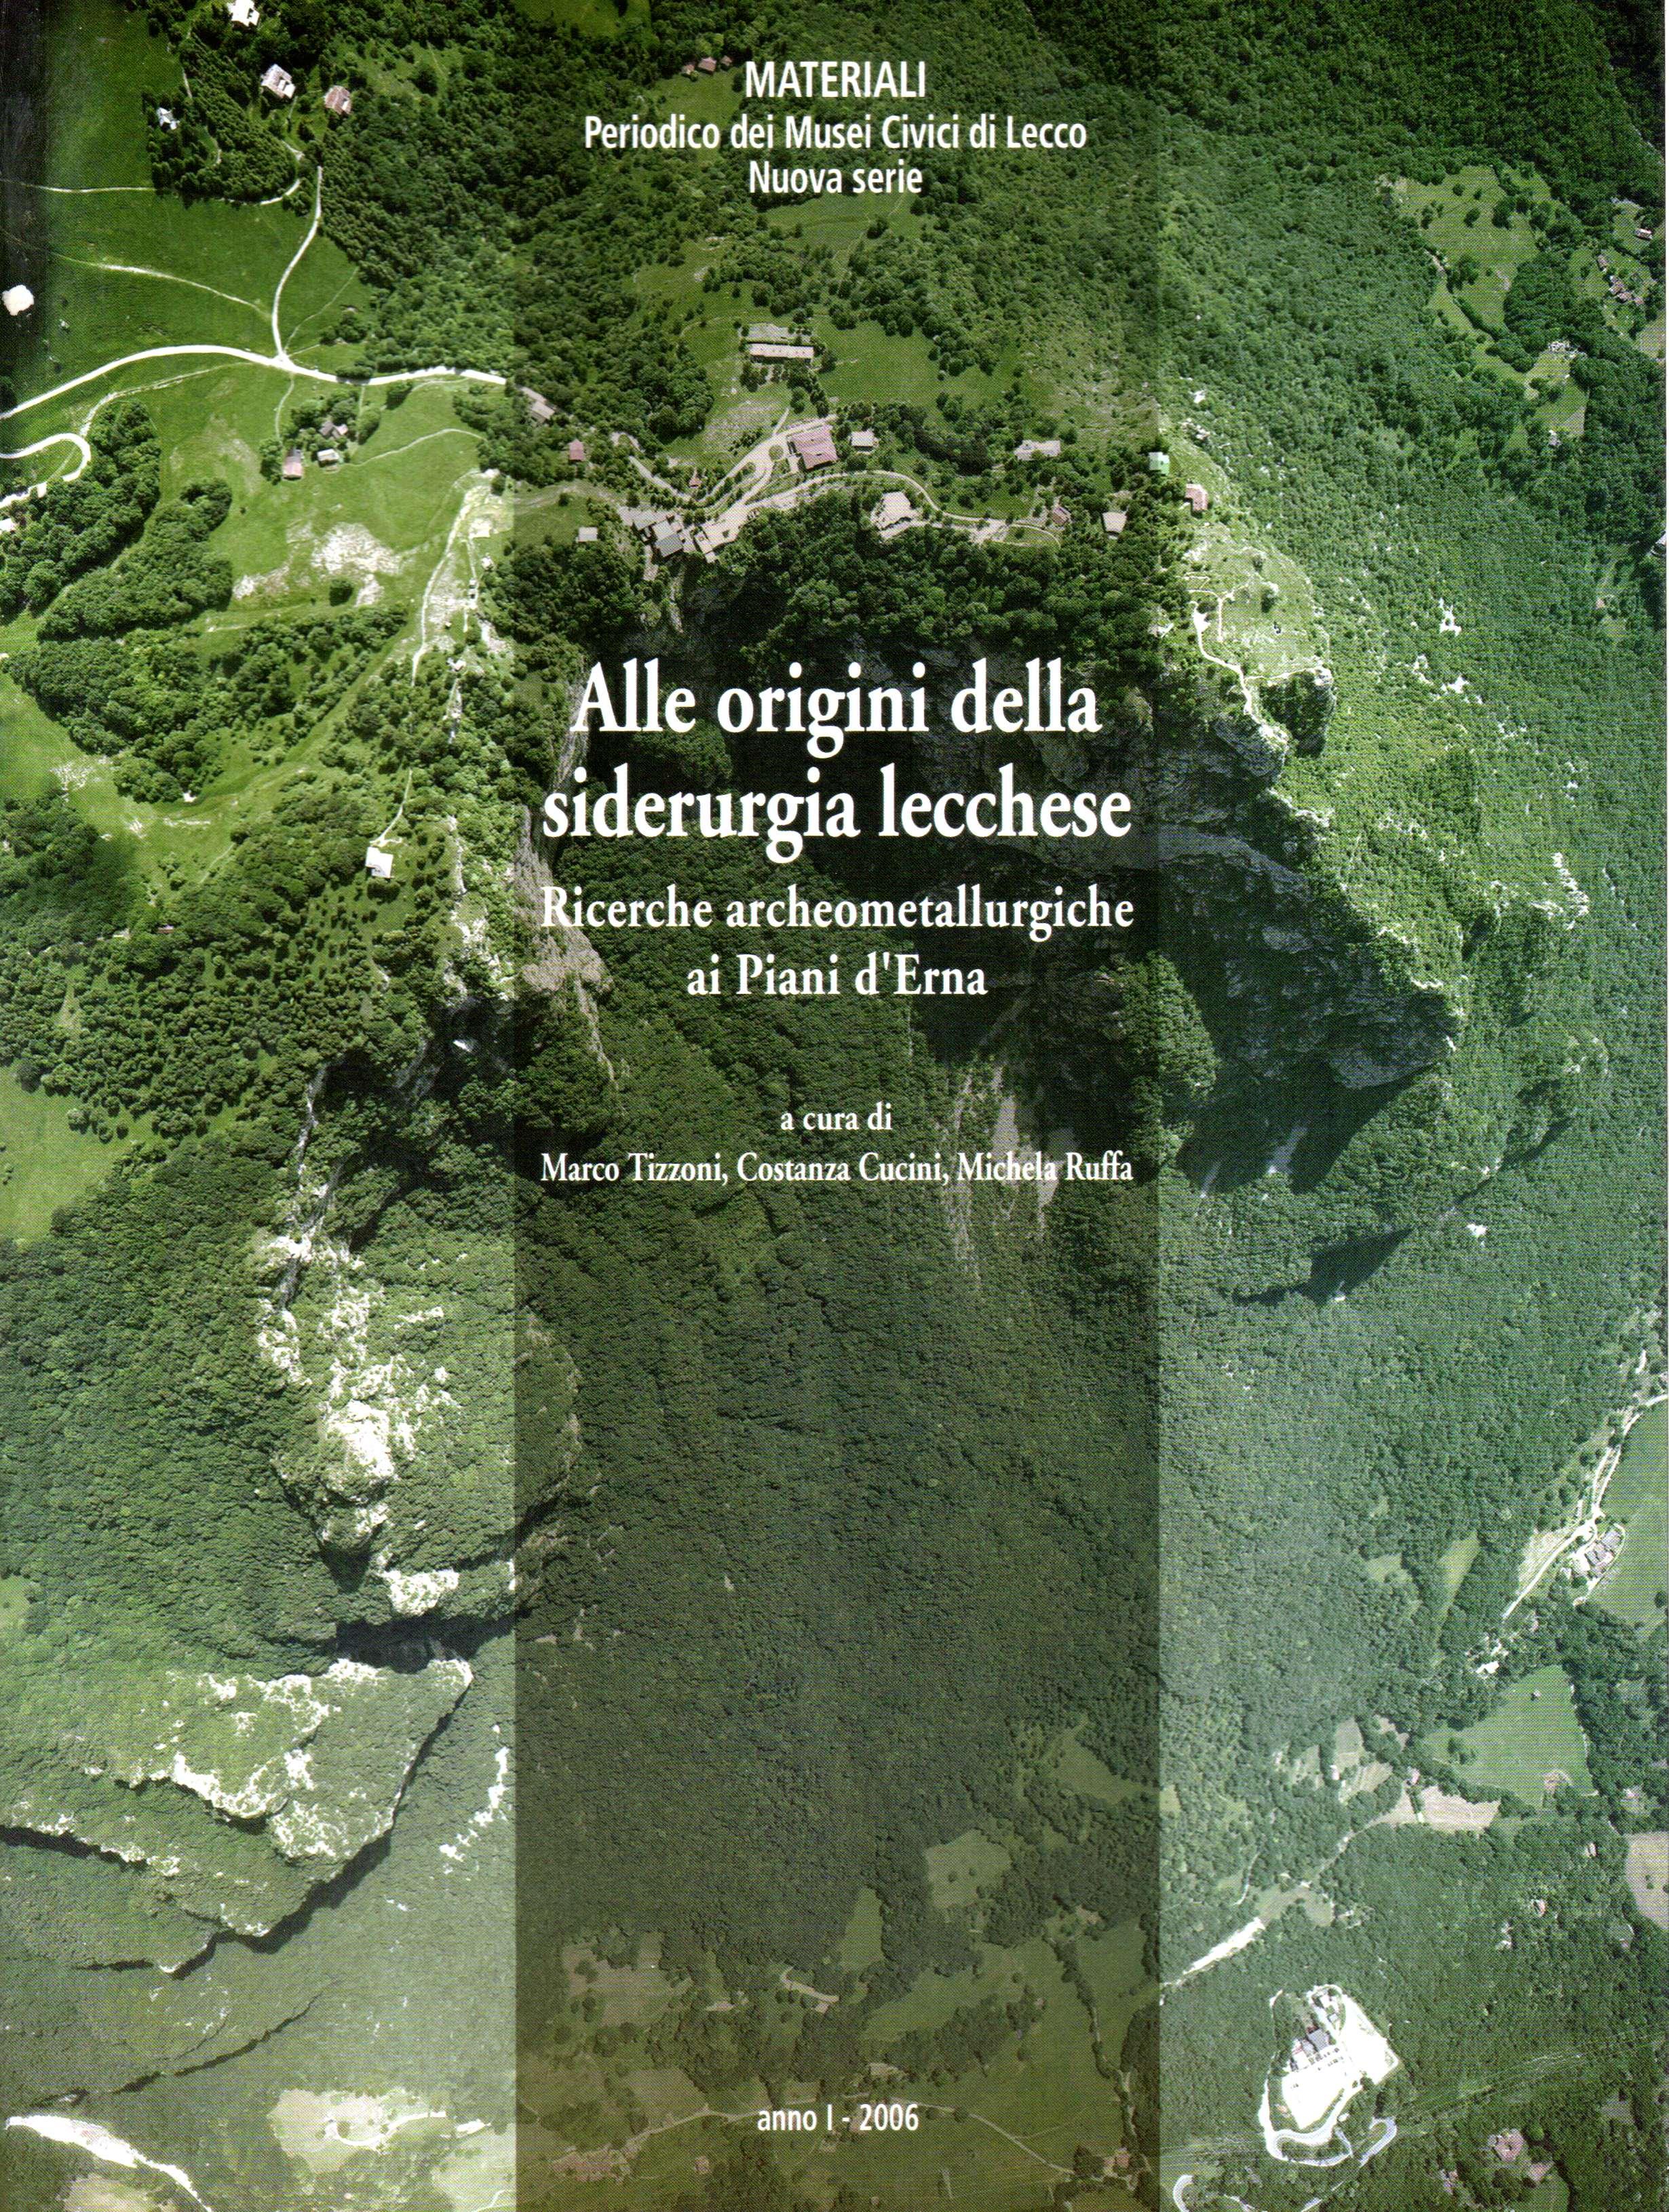 Alle origini della siderurgia lecchese: ricerche archeometallurgiche ai Piani d'Erna